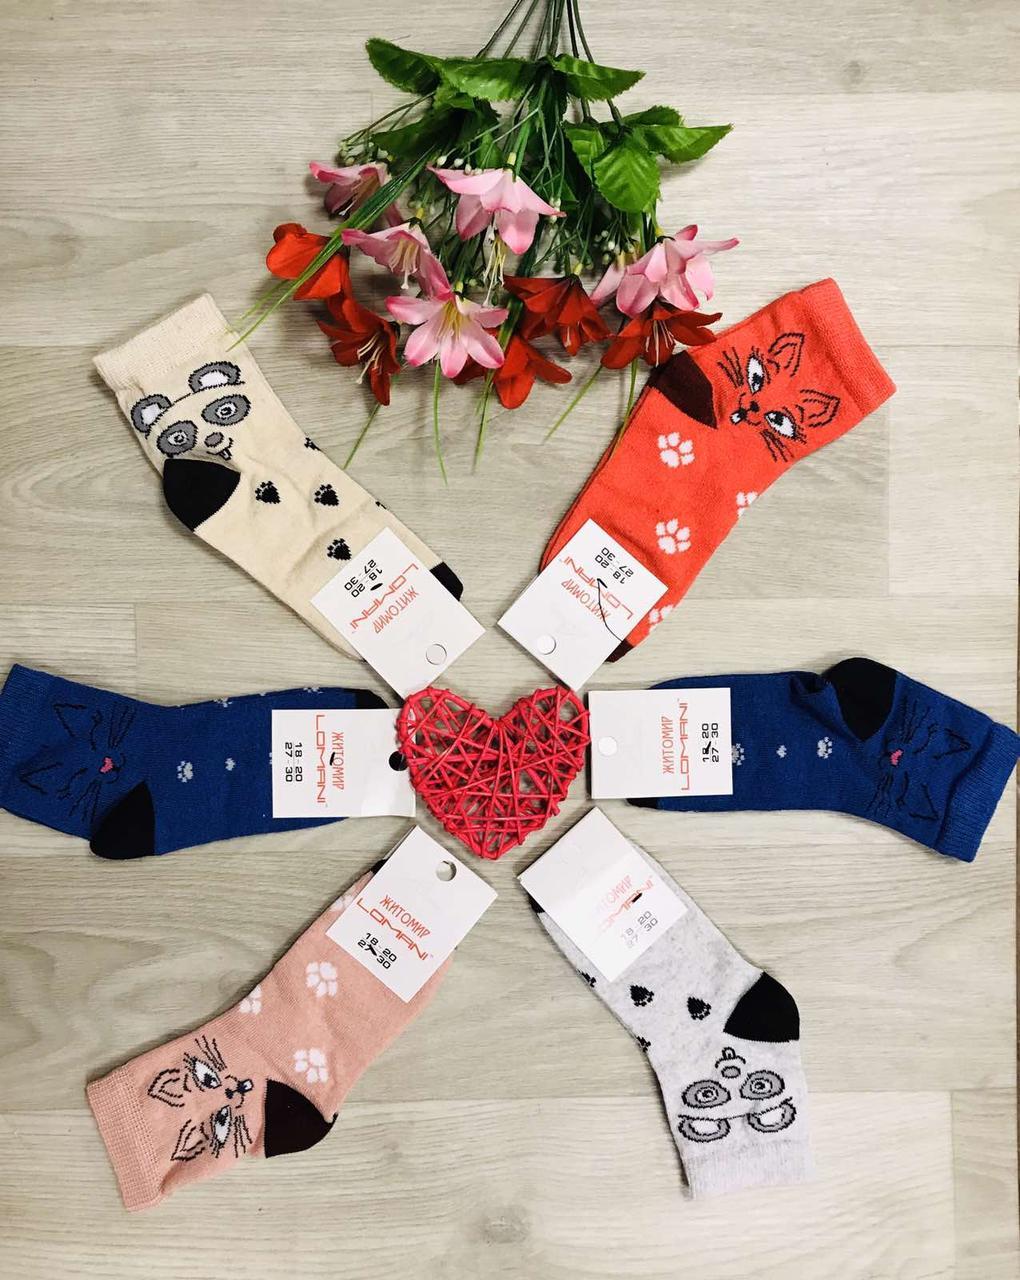 Шкарпетки дитячі демісезонні бавовна Житомир ТМ LOMANI розмір 18-20 (27-30) асорті